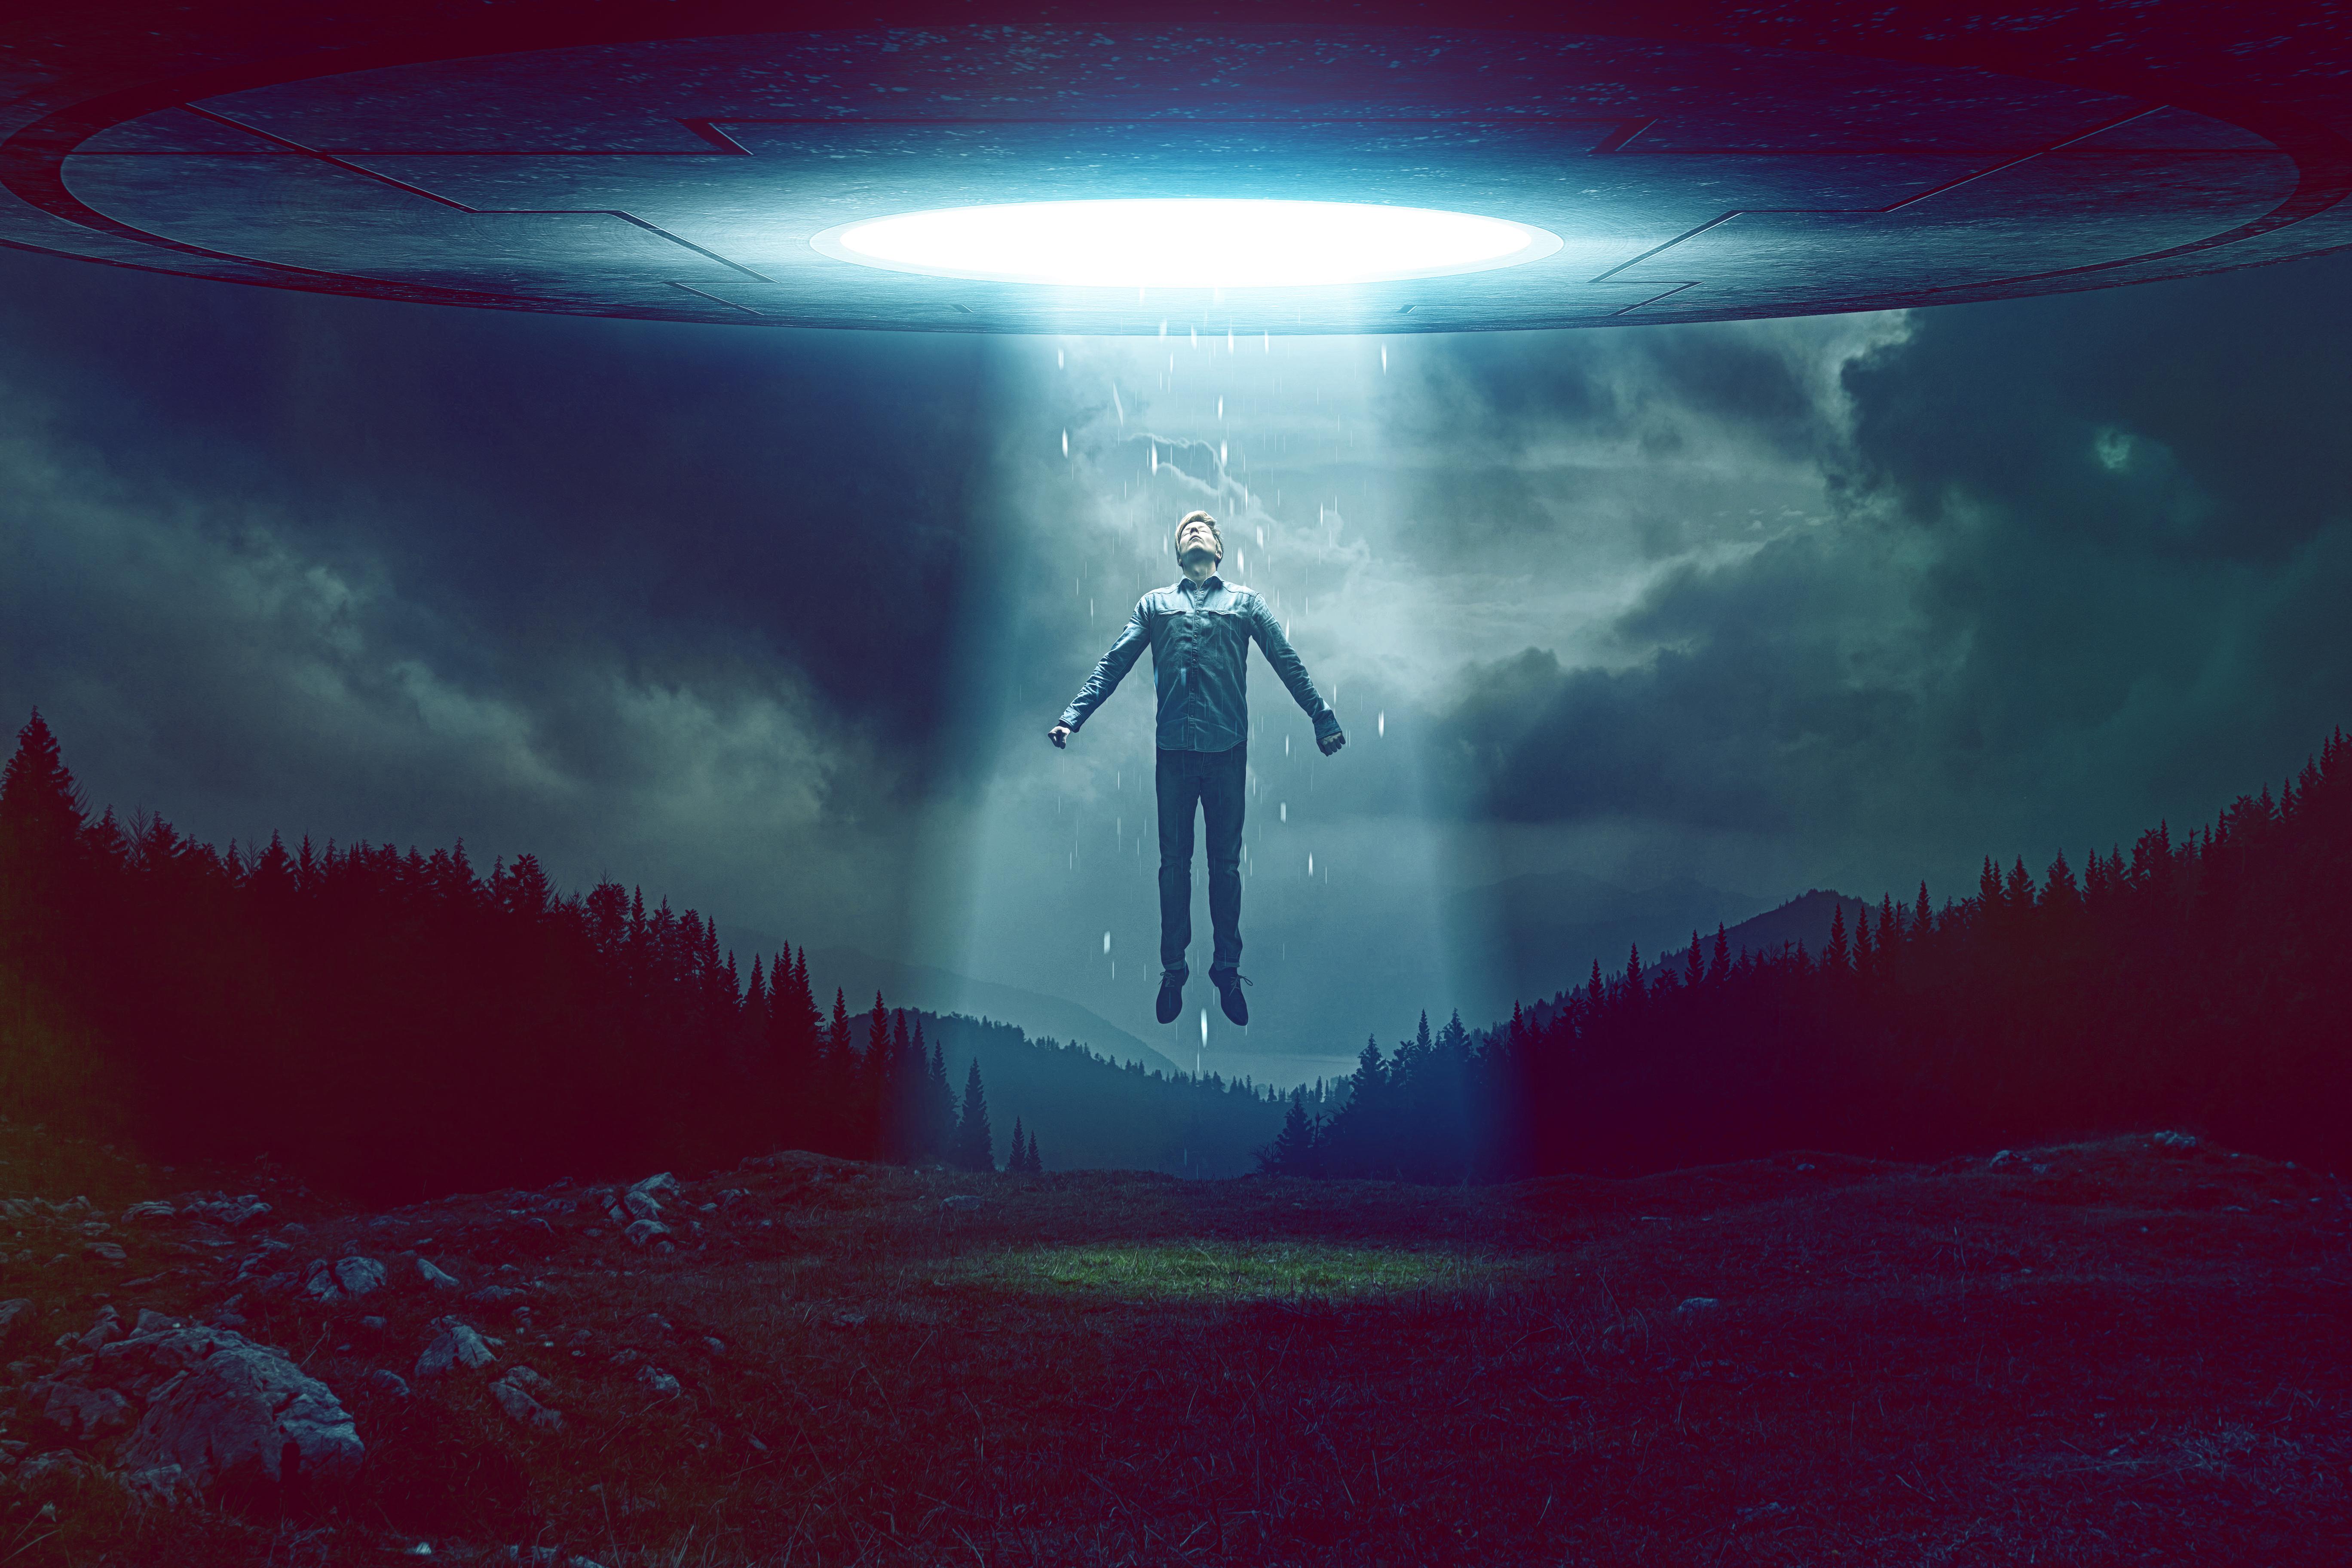 UFO luz - To no Cosmos